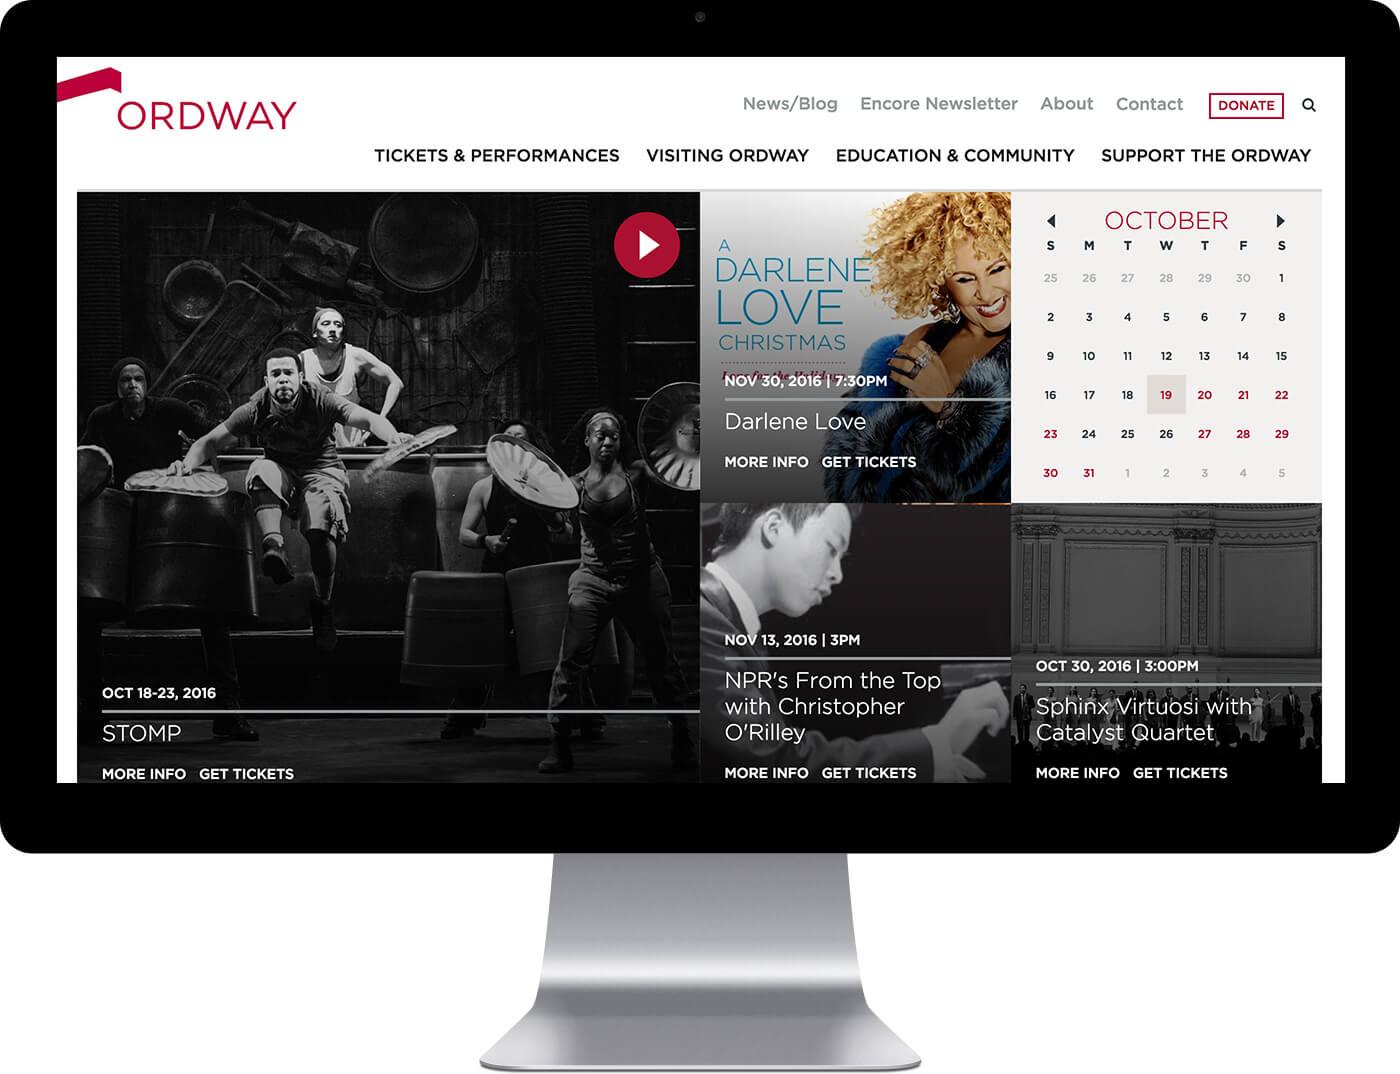 ordway-desktop-home